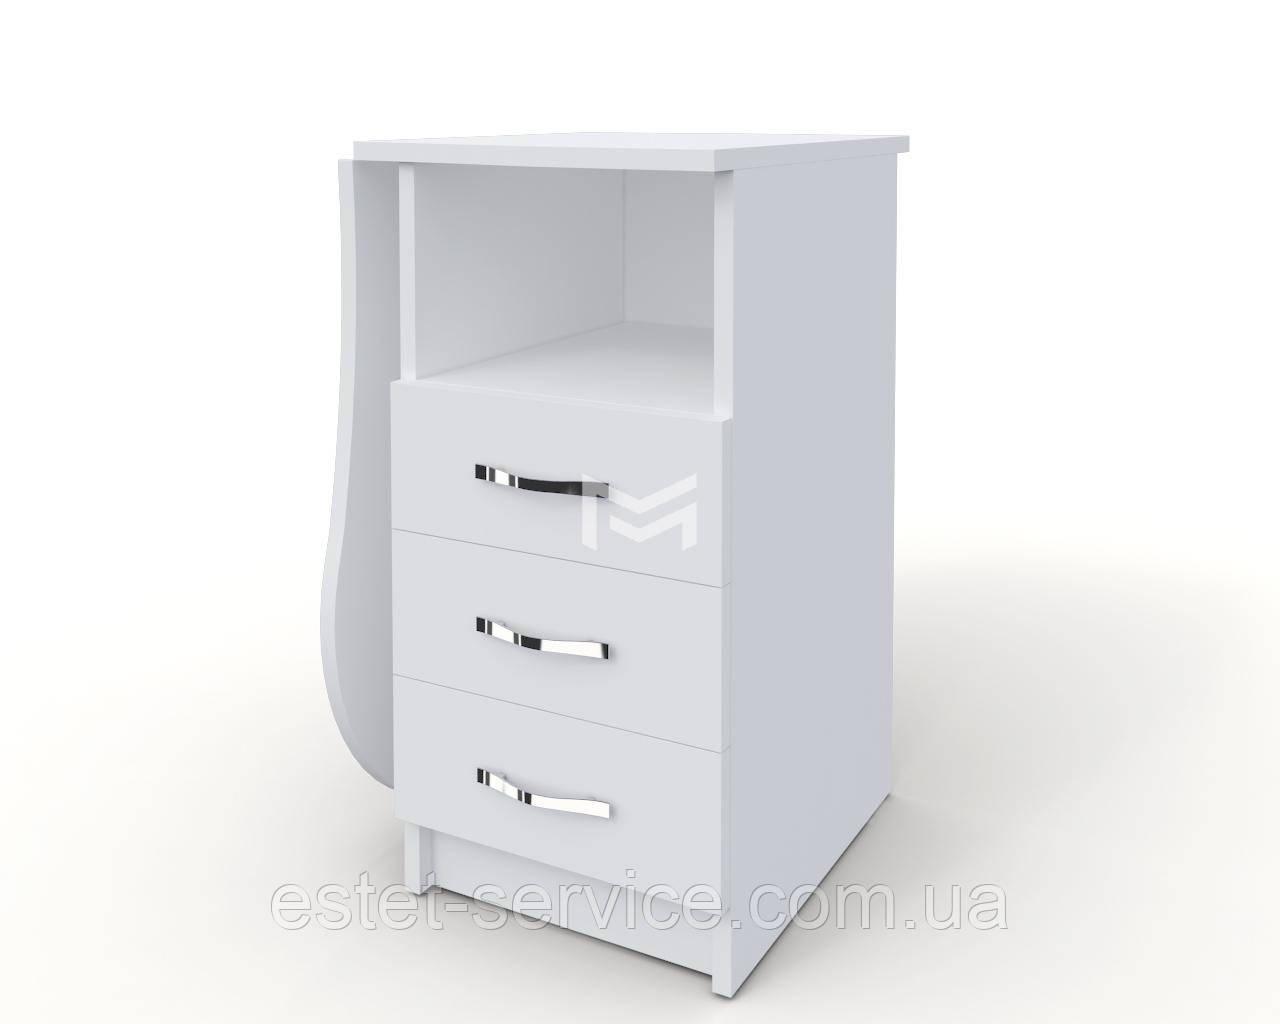 Маникюрный стол Естет компакт со складывающейся столешницей